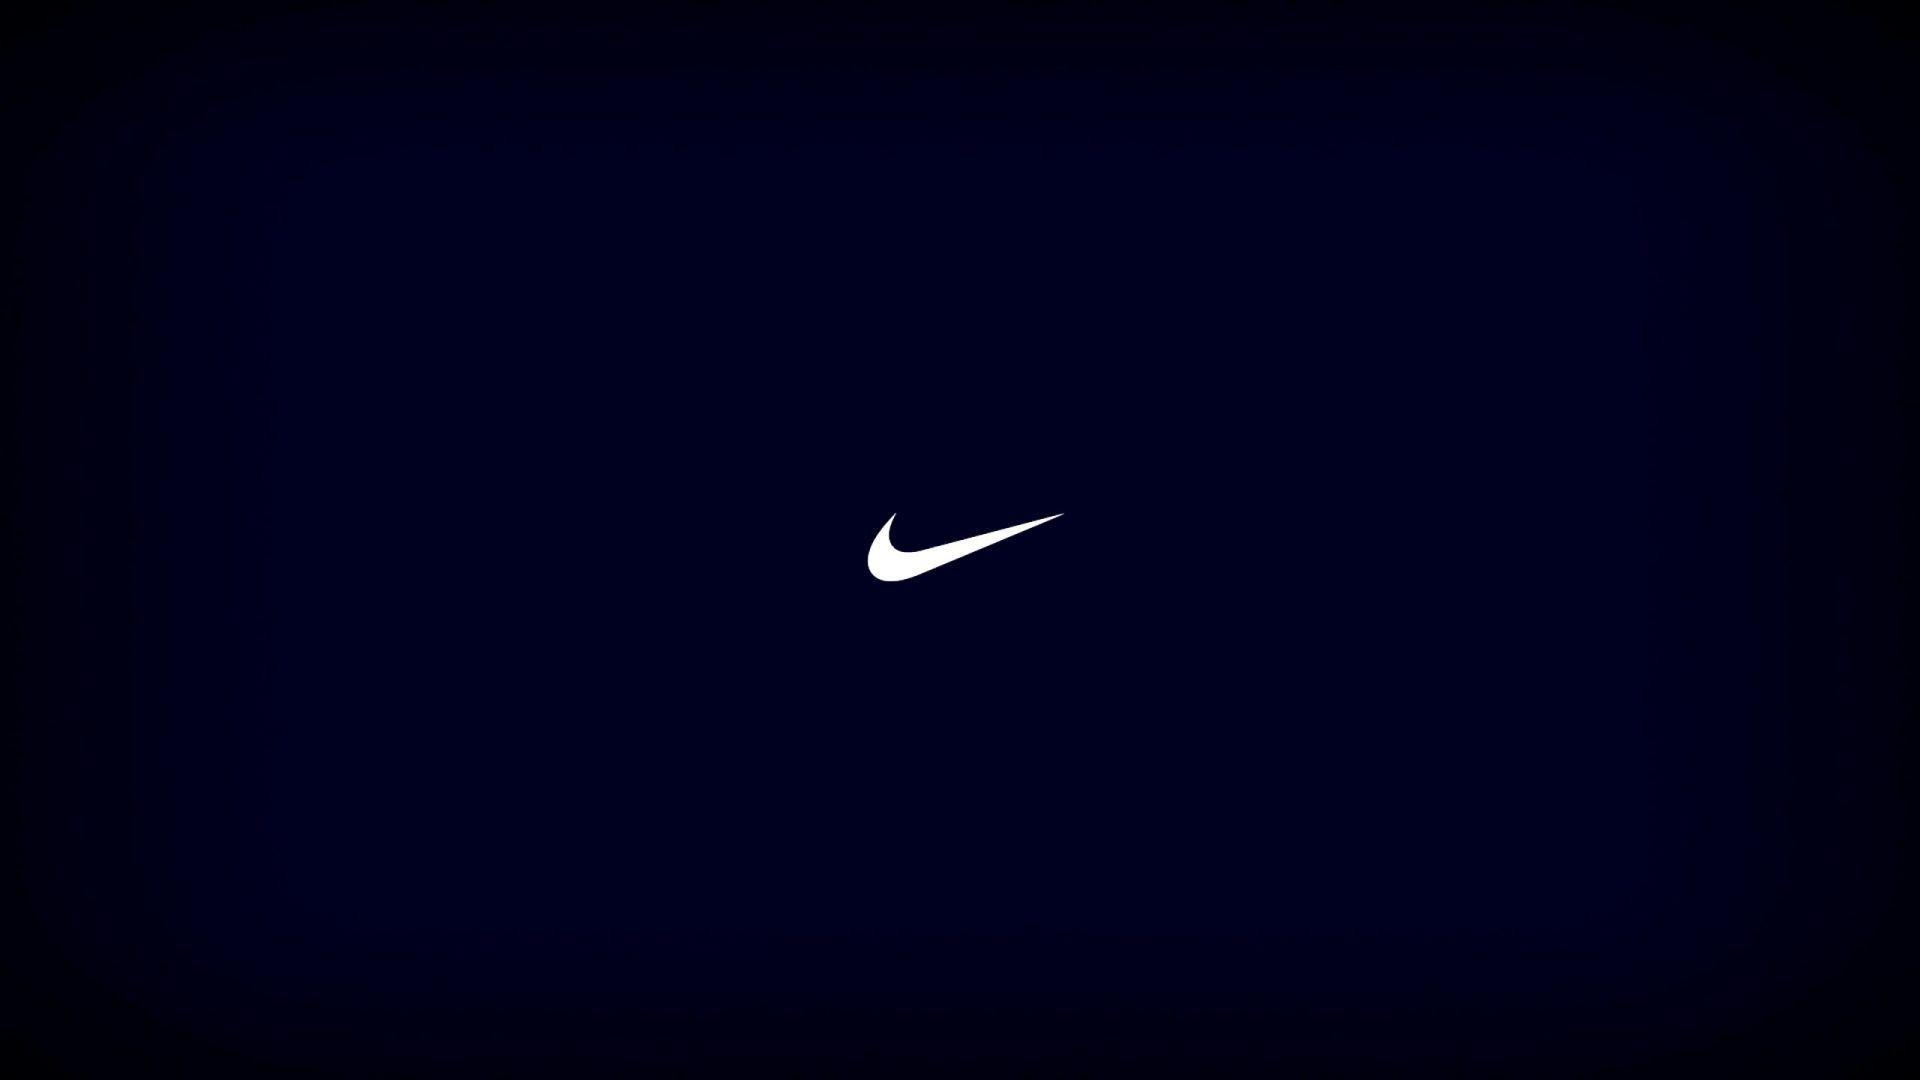 Res: 1920x1080, Brand Nike Logo Wallpaper HD